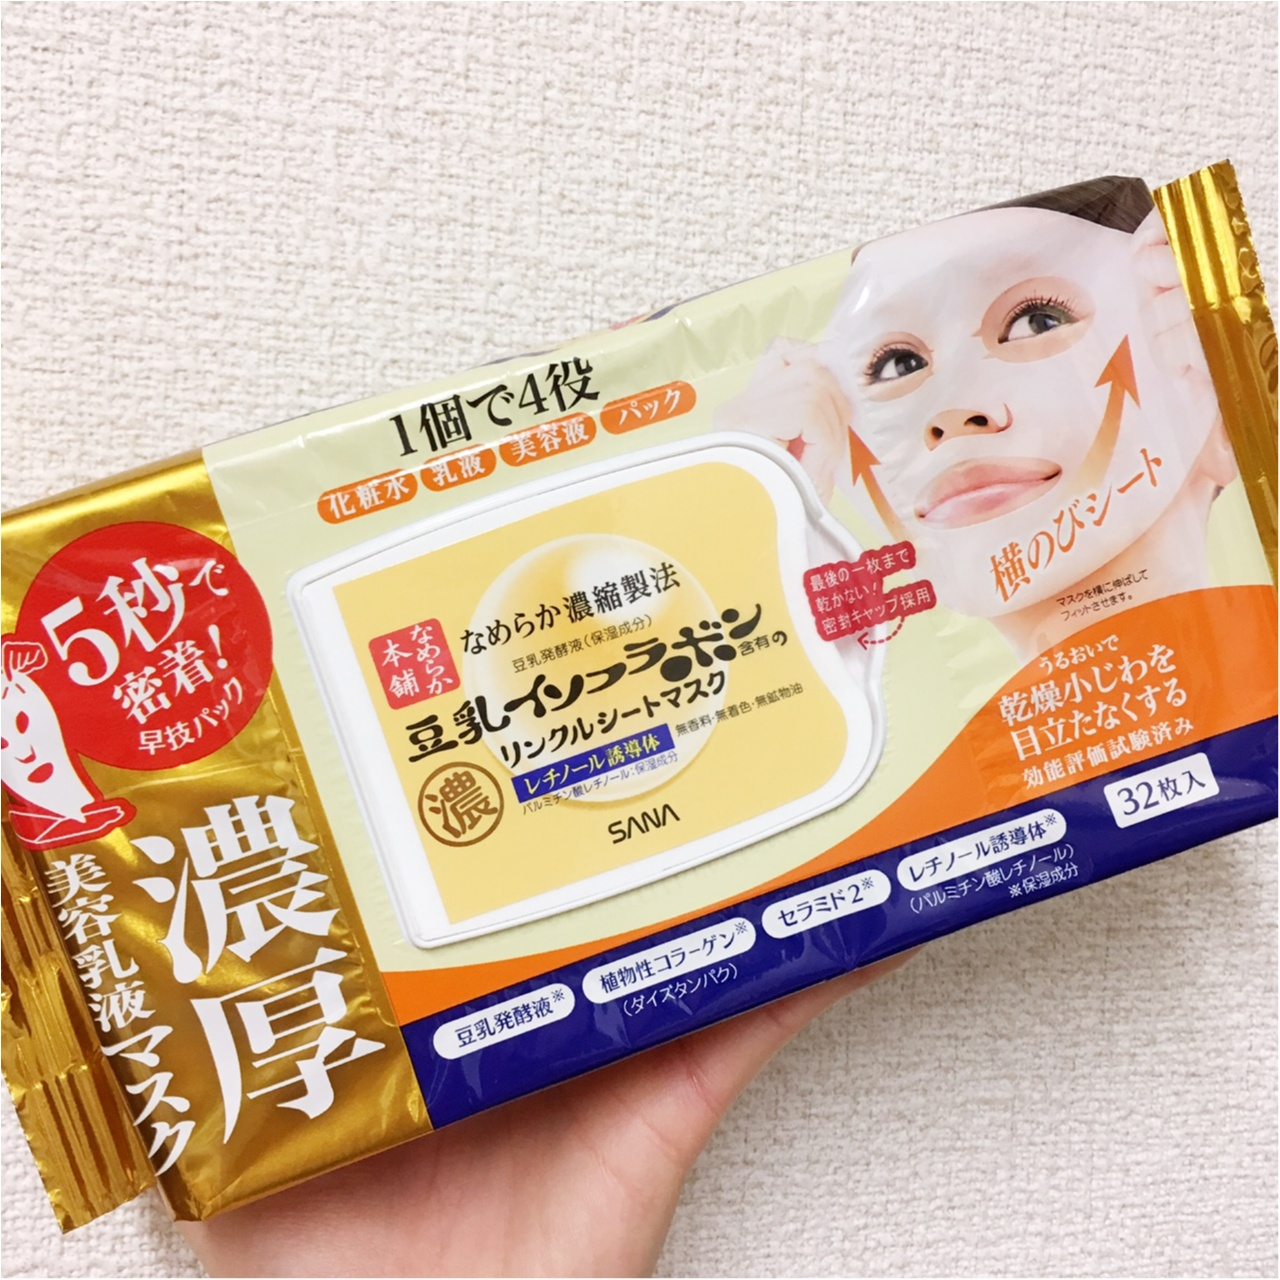 マスクはこれ一筋!『豆乳イソフラボン リンクルシートマスク』で肌に潤いを♡_1